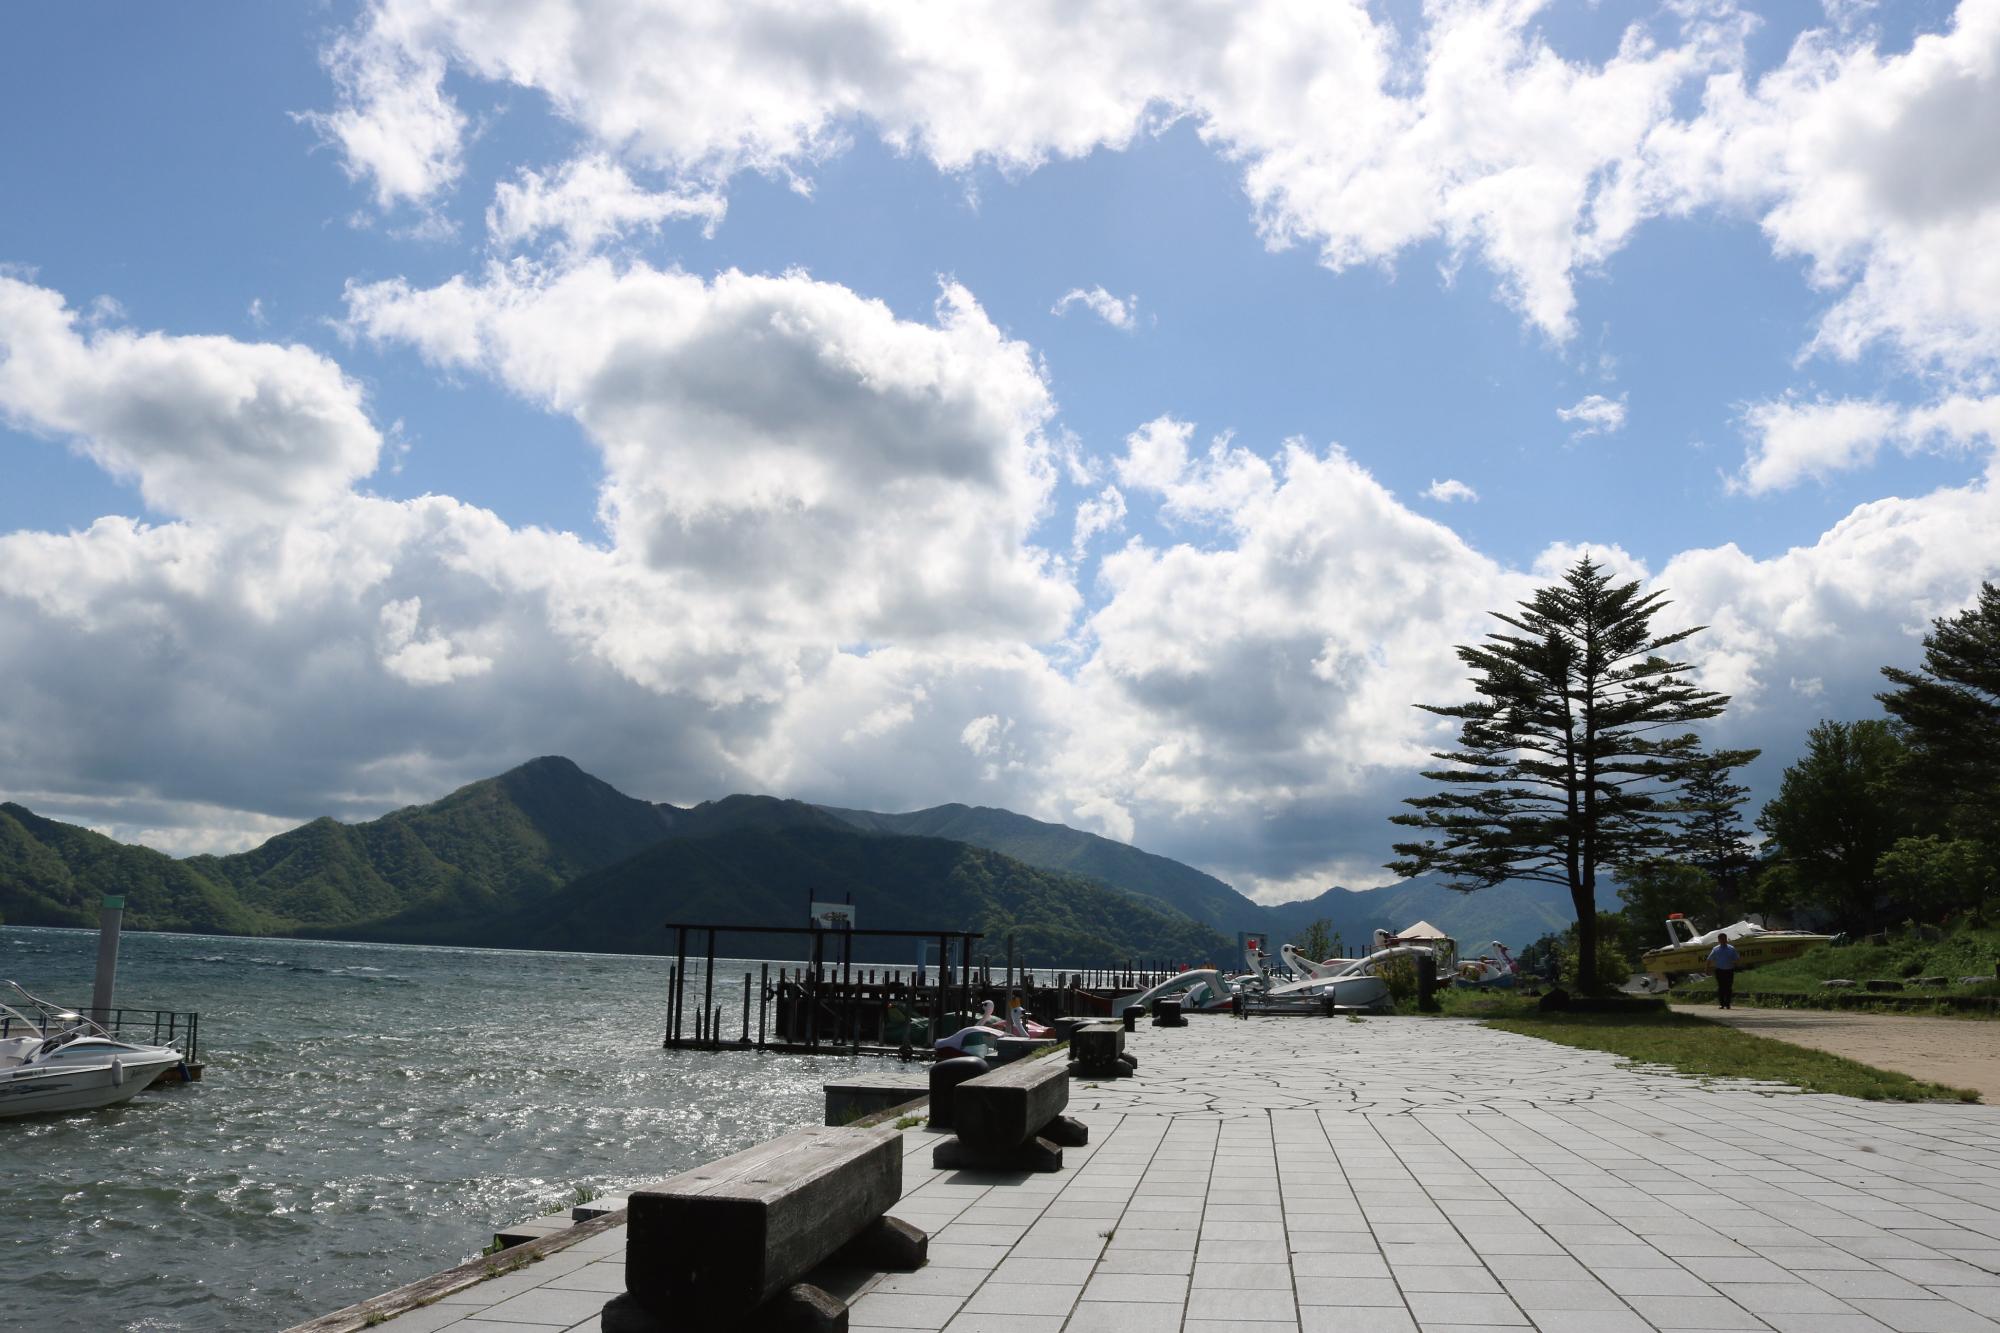 日光・中禅寺湖旅籠なごみ【公式サイト】ベストレート(最安値)保証